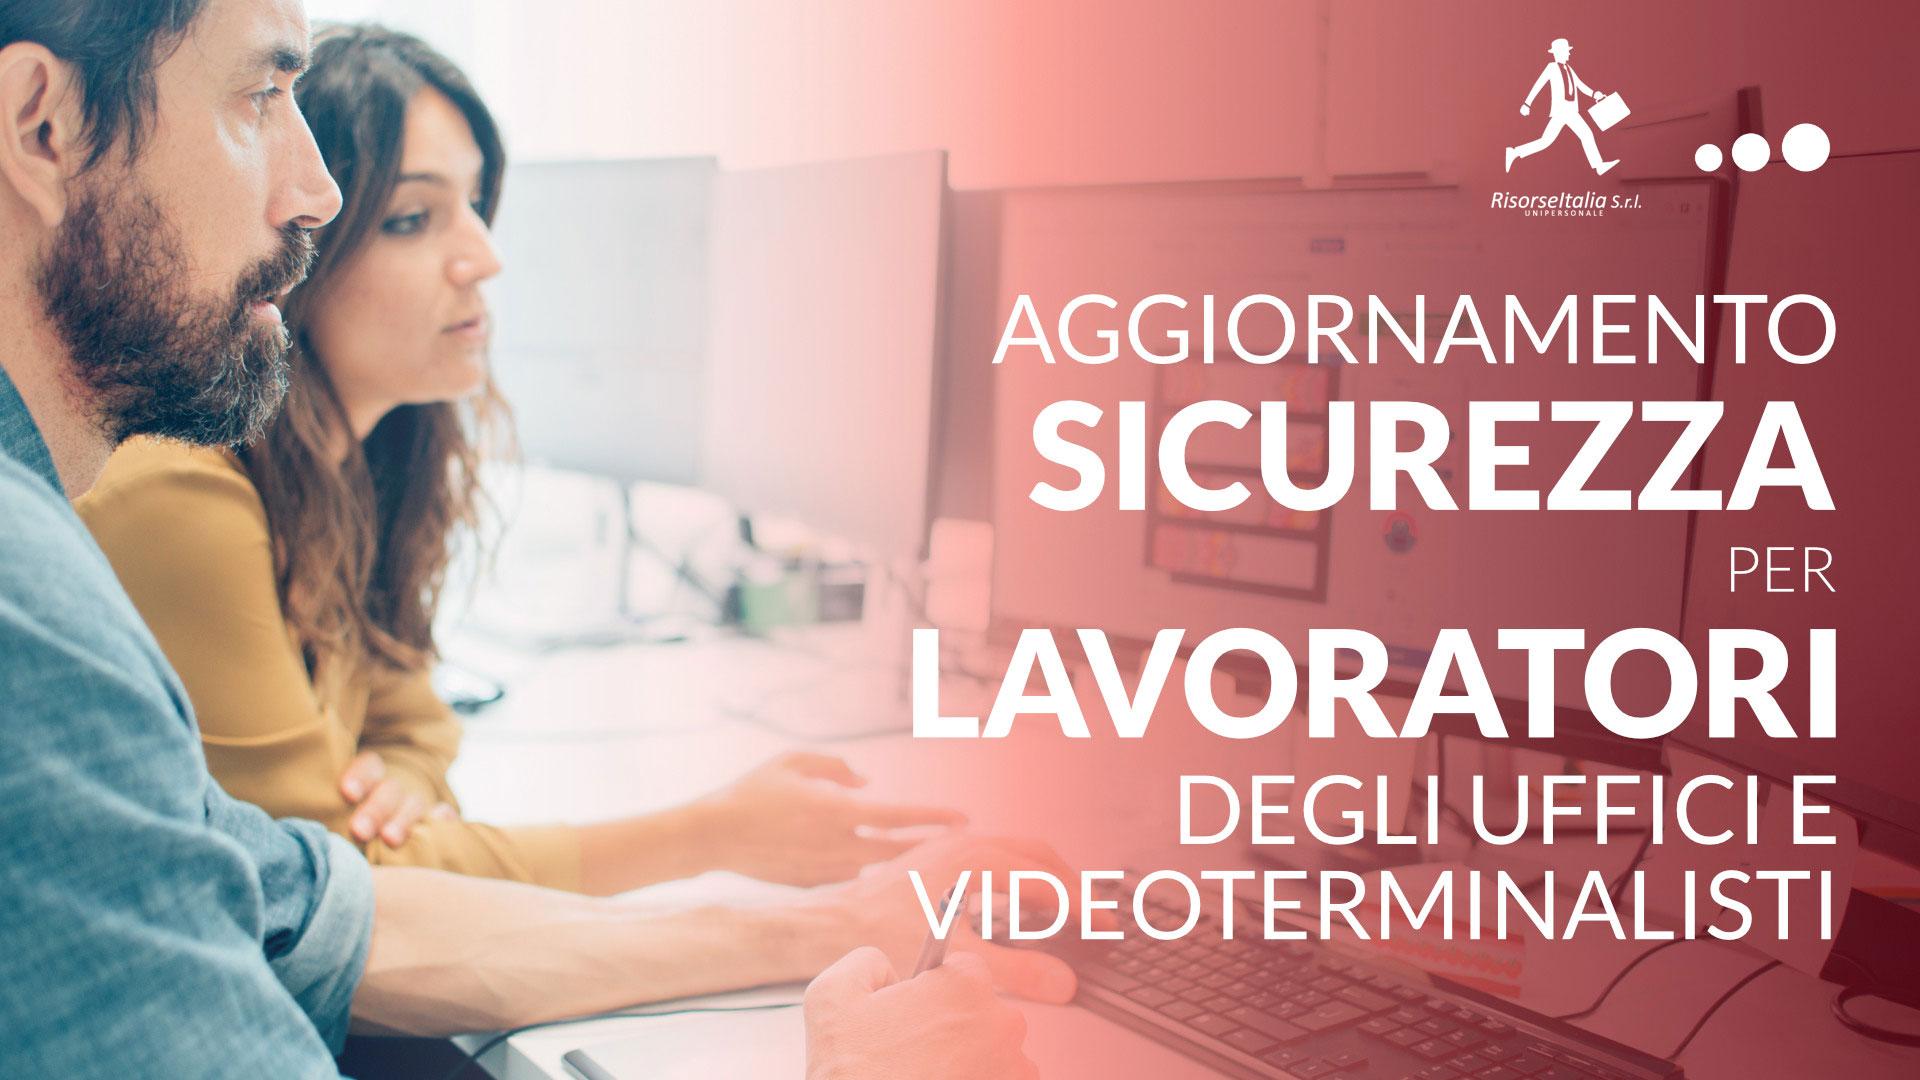 Aggiornamento per lavoratori degli uffici e videoterminalisti